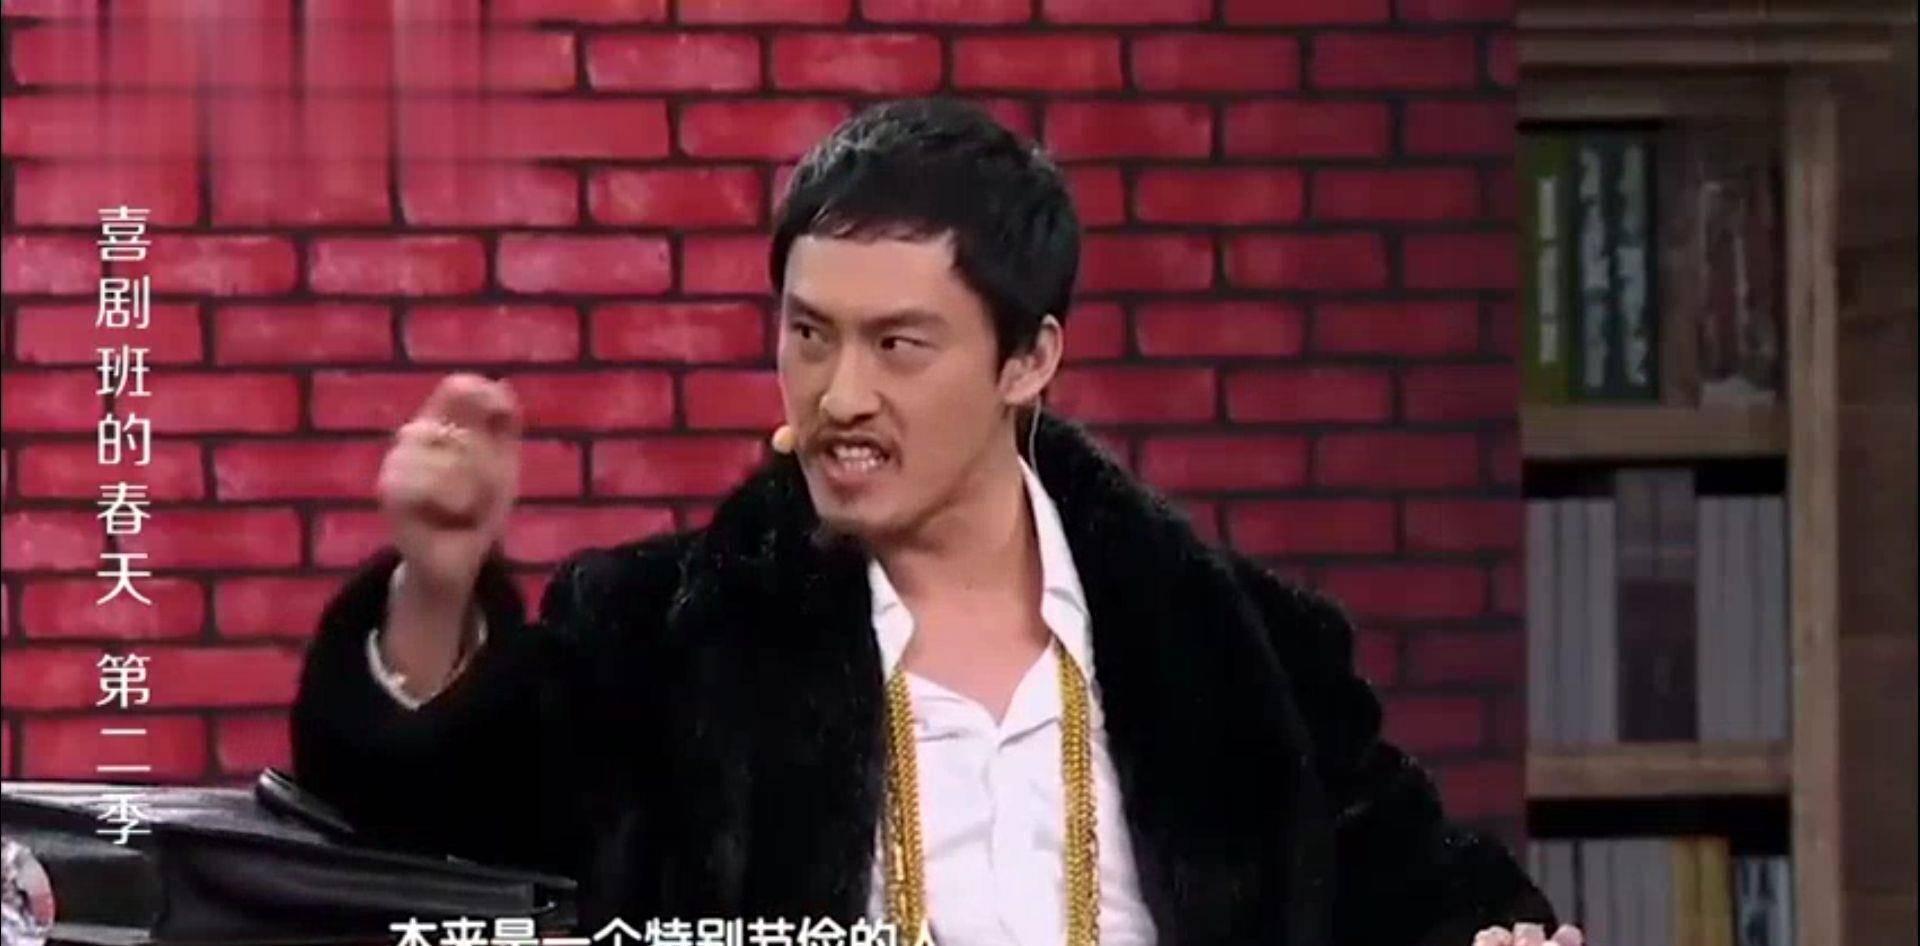 笑场王许君聪:凭借刘海柱一角被熟知,被贾玲发掘后成为喜剧演员